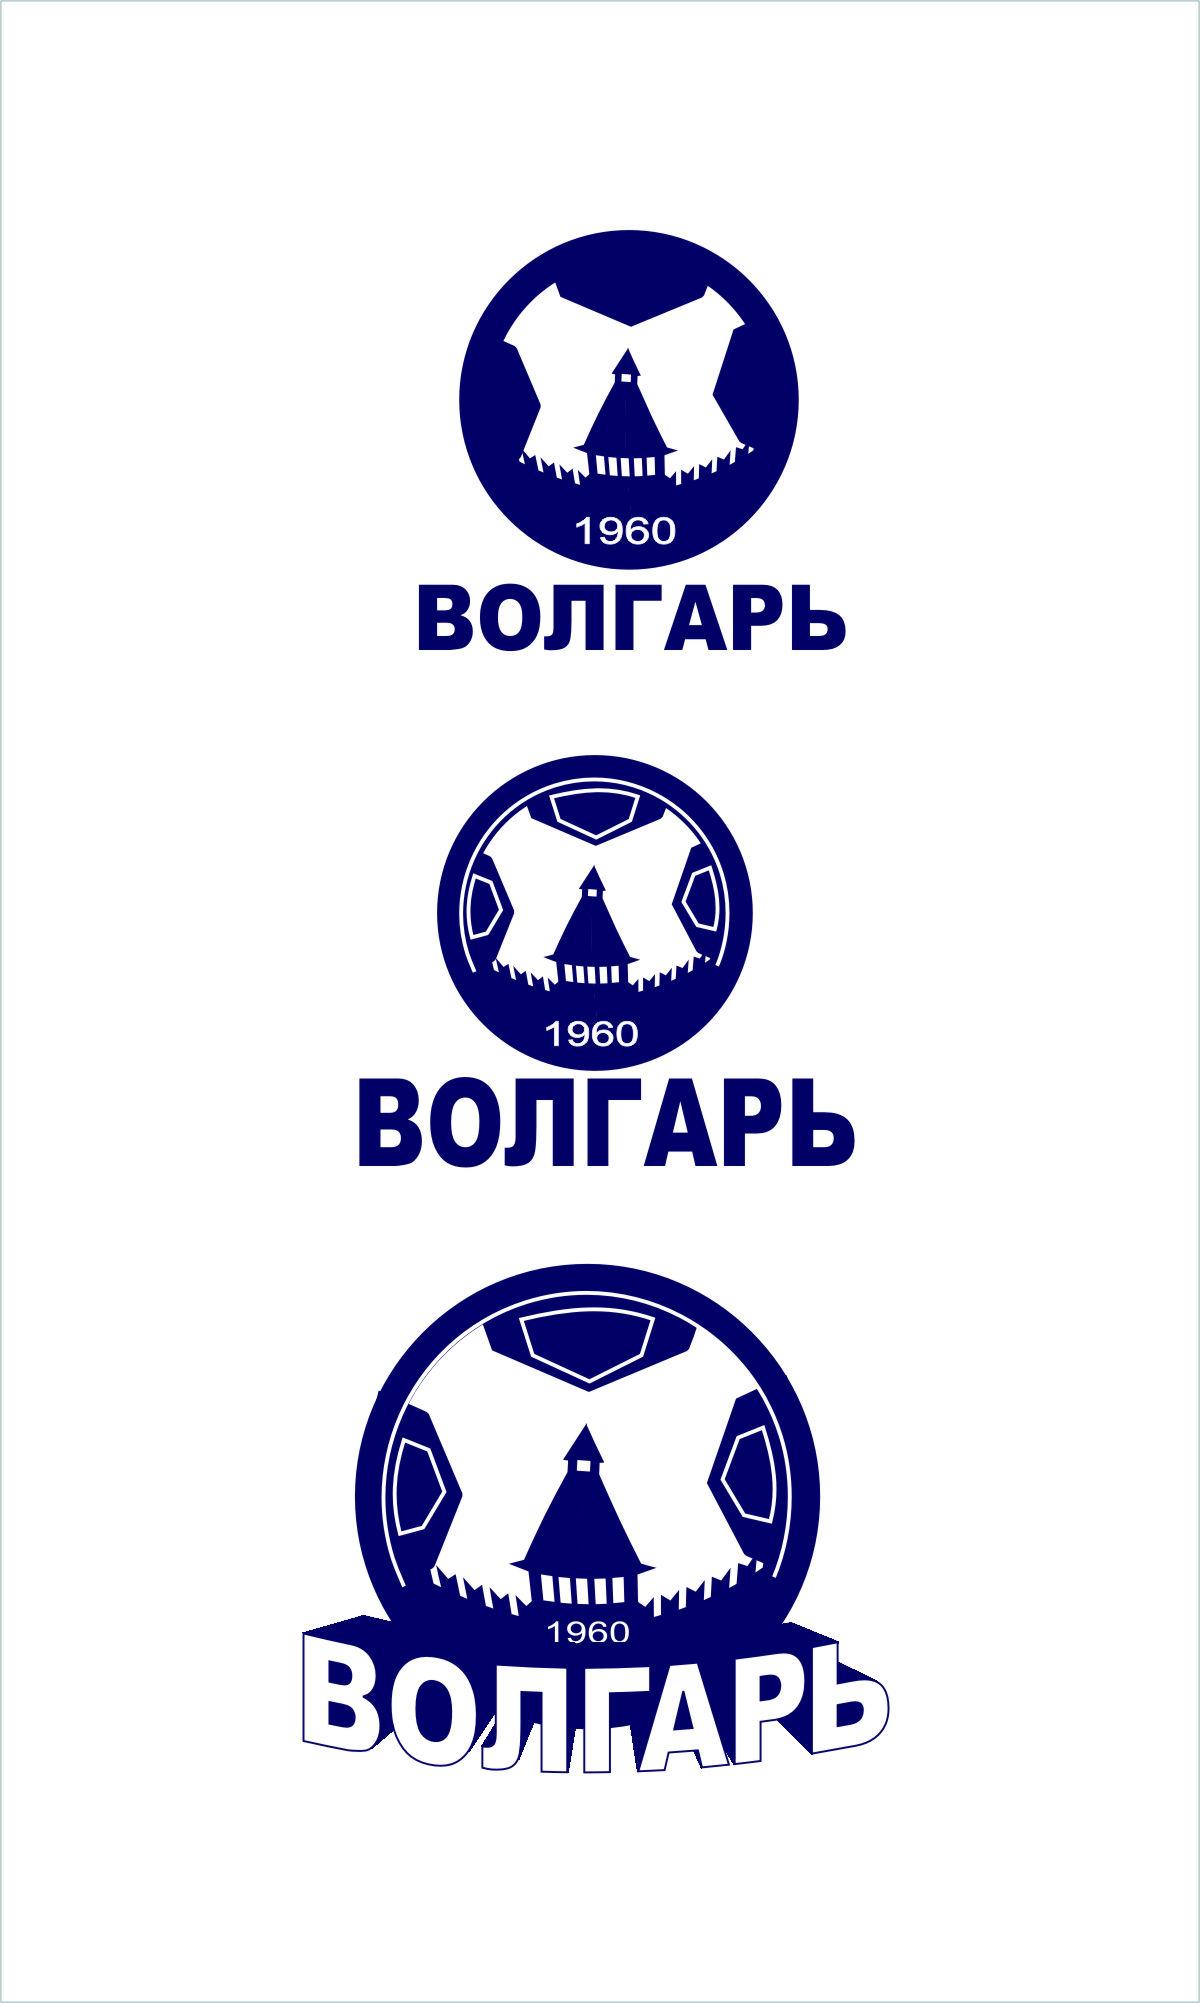 Разработка эмблемы футбольного клуба фото f_4fc13efea3859.jpg